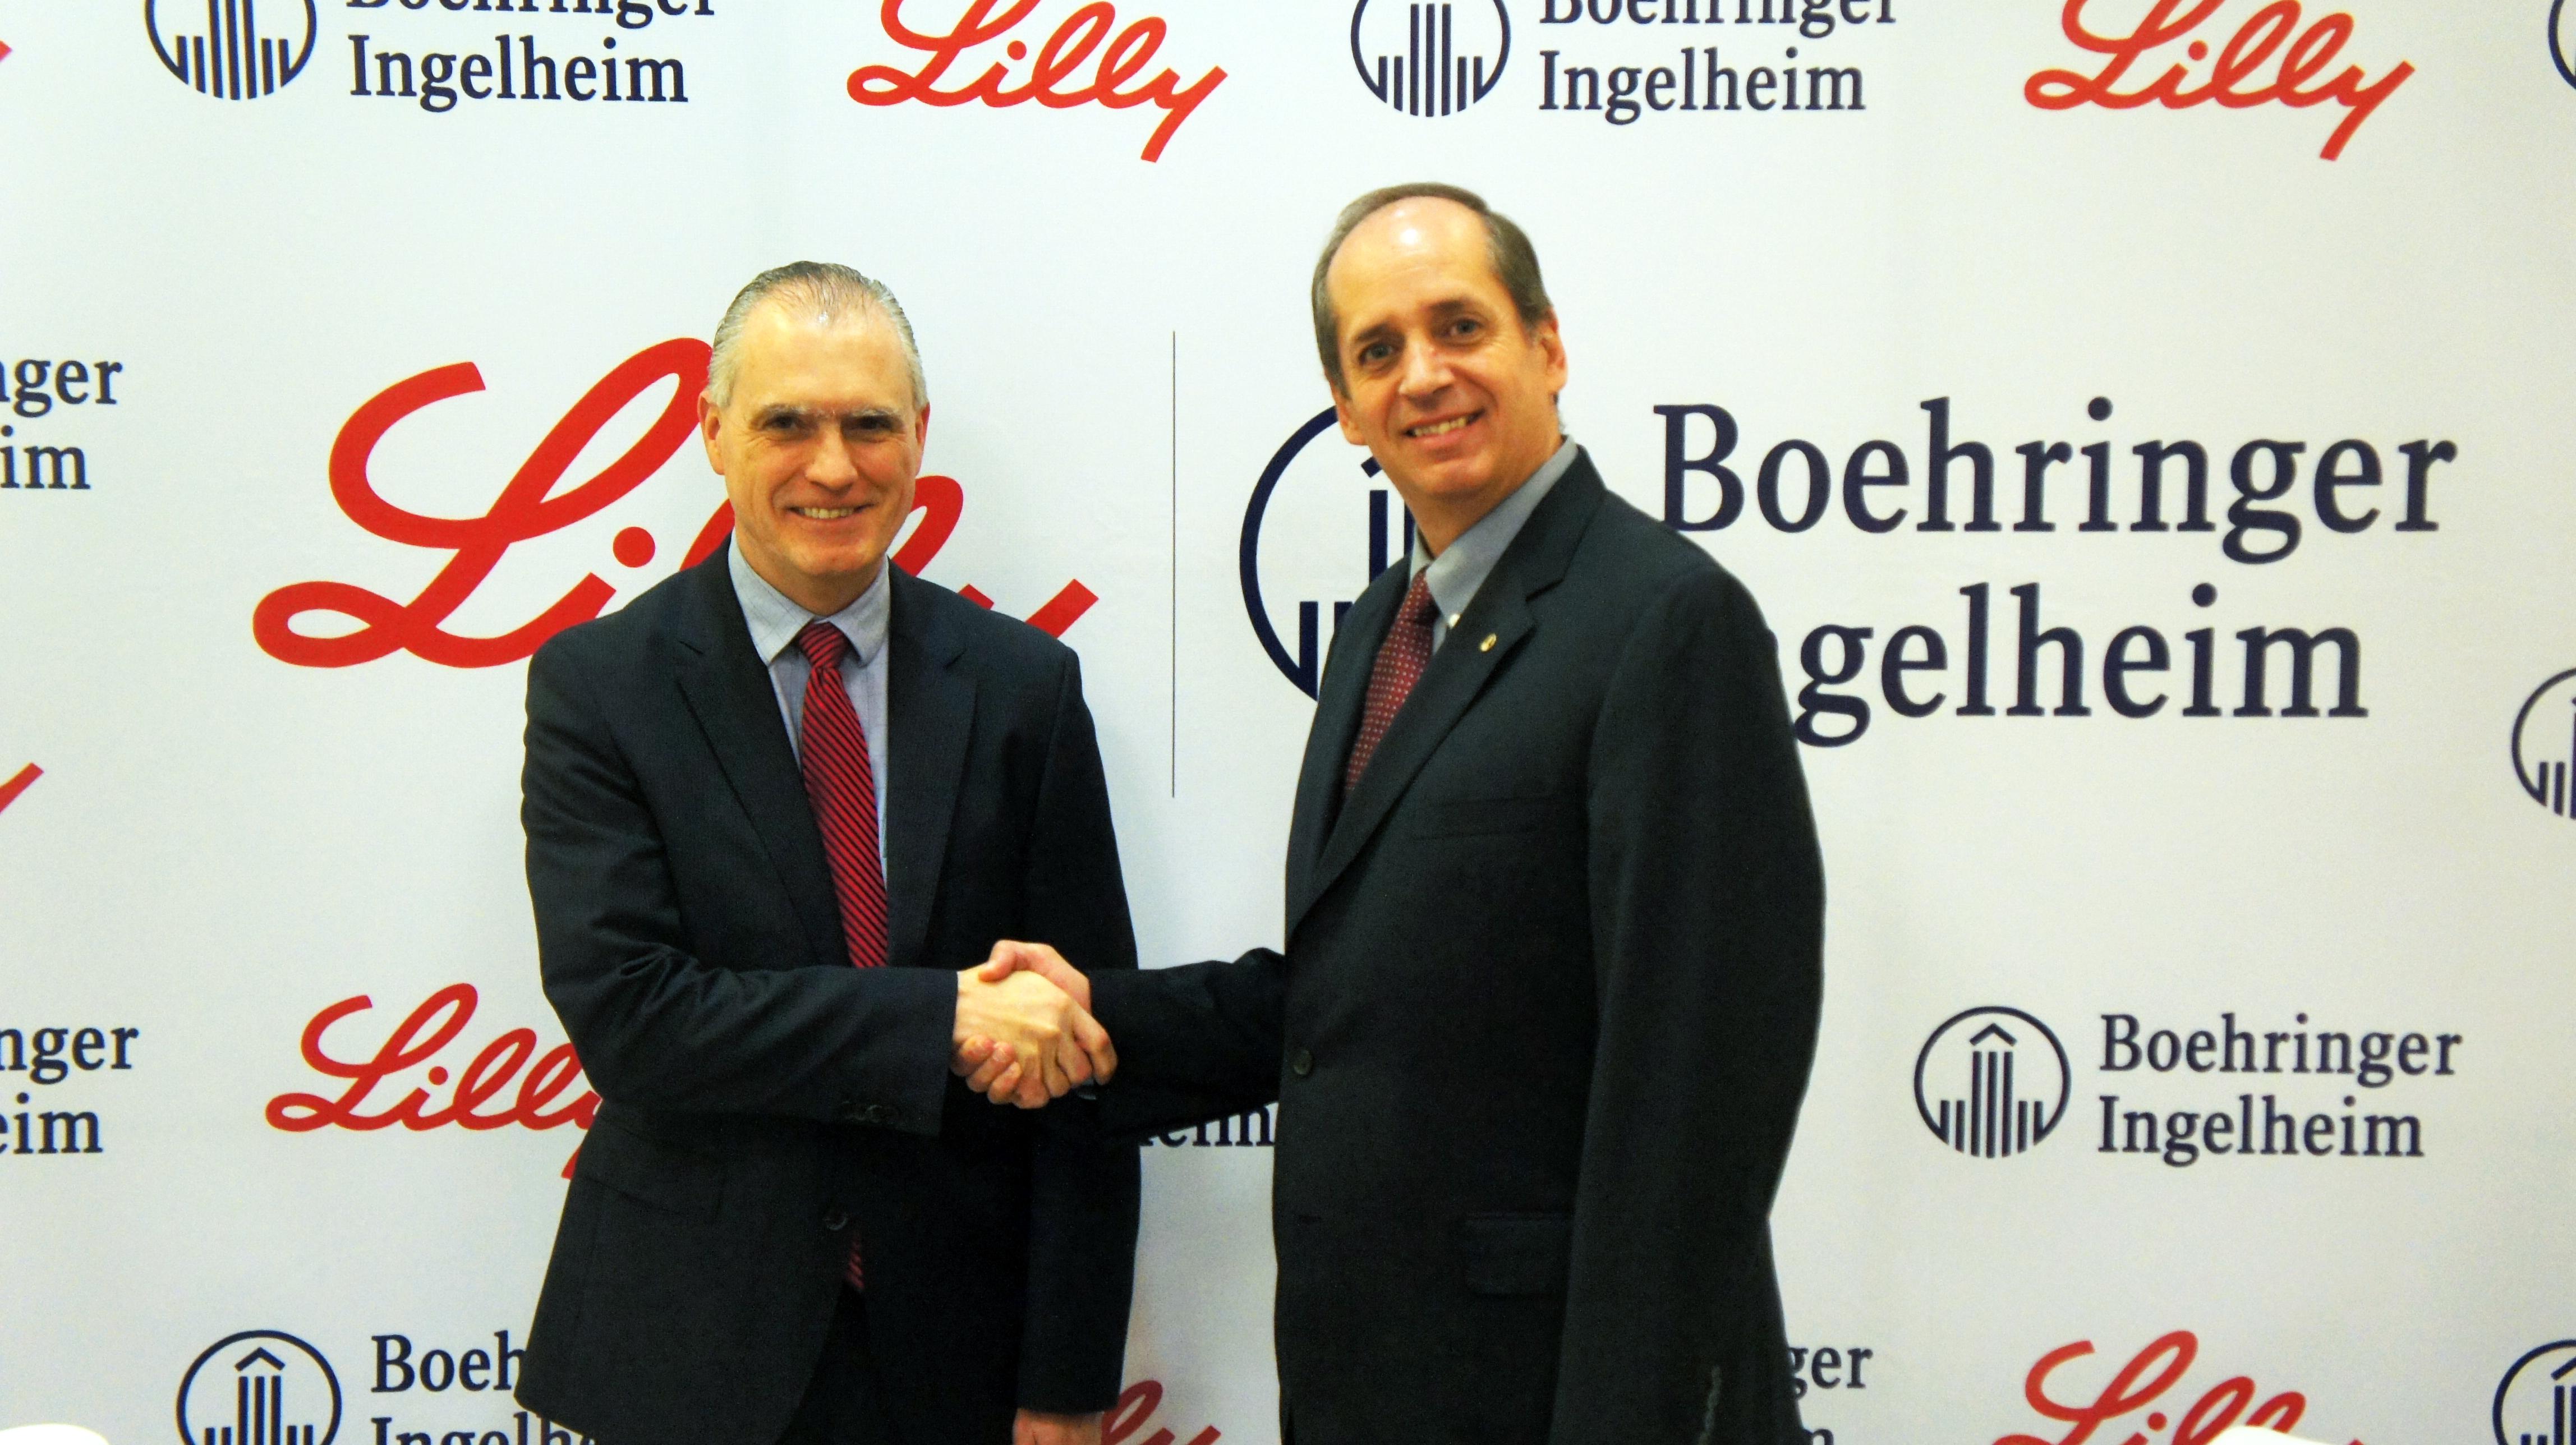 Celebran Boehringer Ingelheim y Eli Lilly 4 años de exitosa relación en diabetes